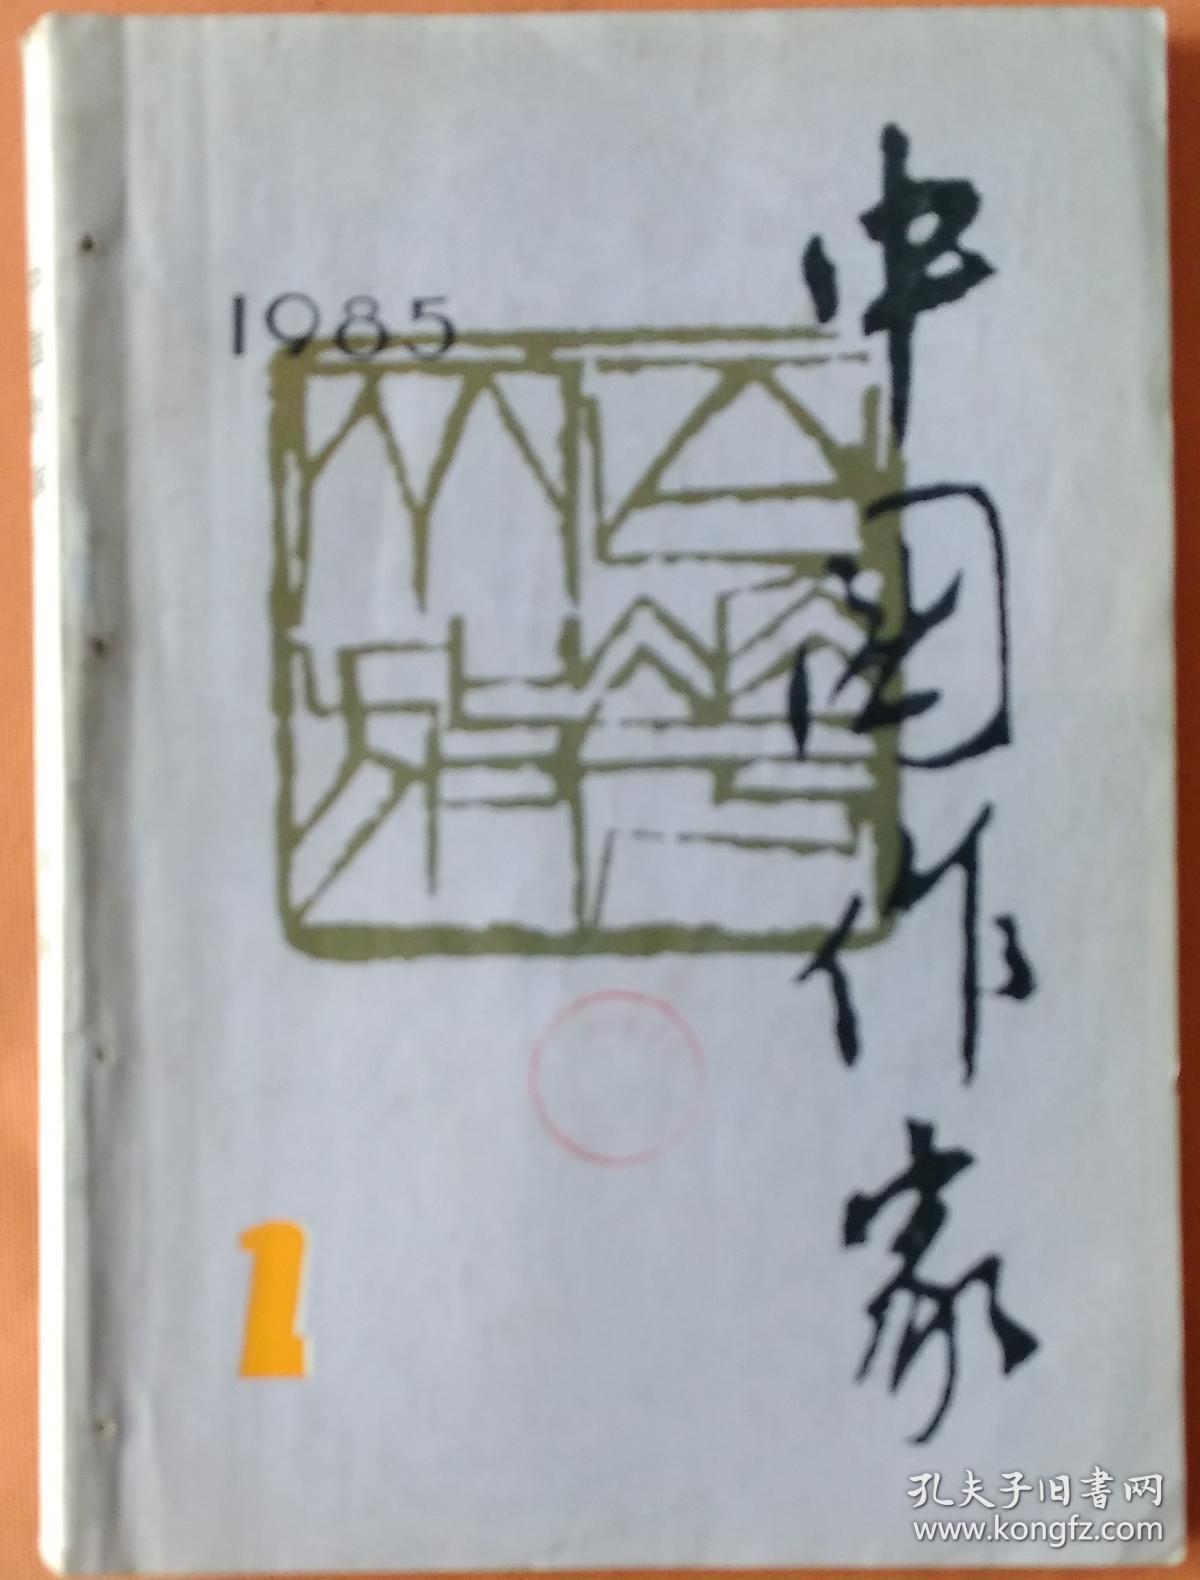 《中国作家》杂志 1985年第2期(寻根文学代表作品——王安忆中篇《小鲍庄》,莫言早期名作、中篇小说《透明的红萝卜》  另有张承志、李国文、臧克家等人短篇小说、诗歌散文等)